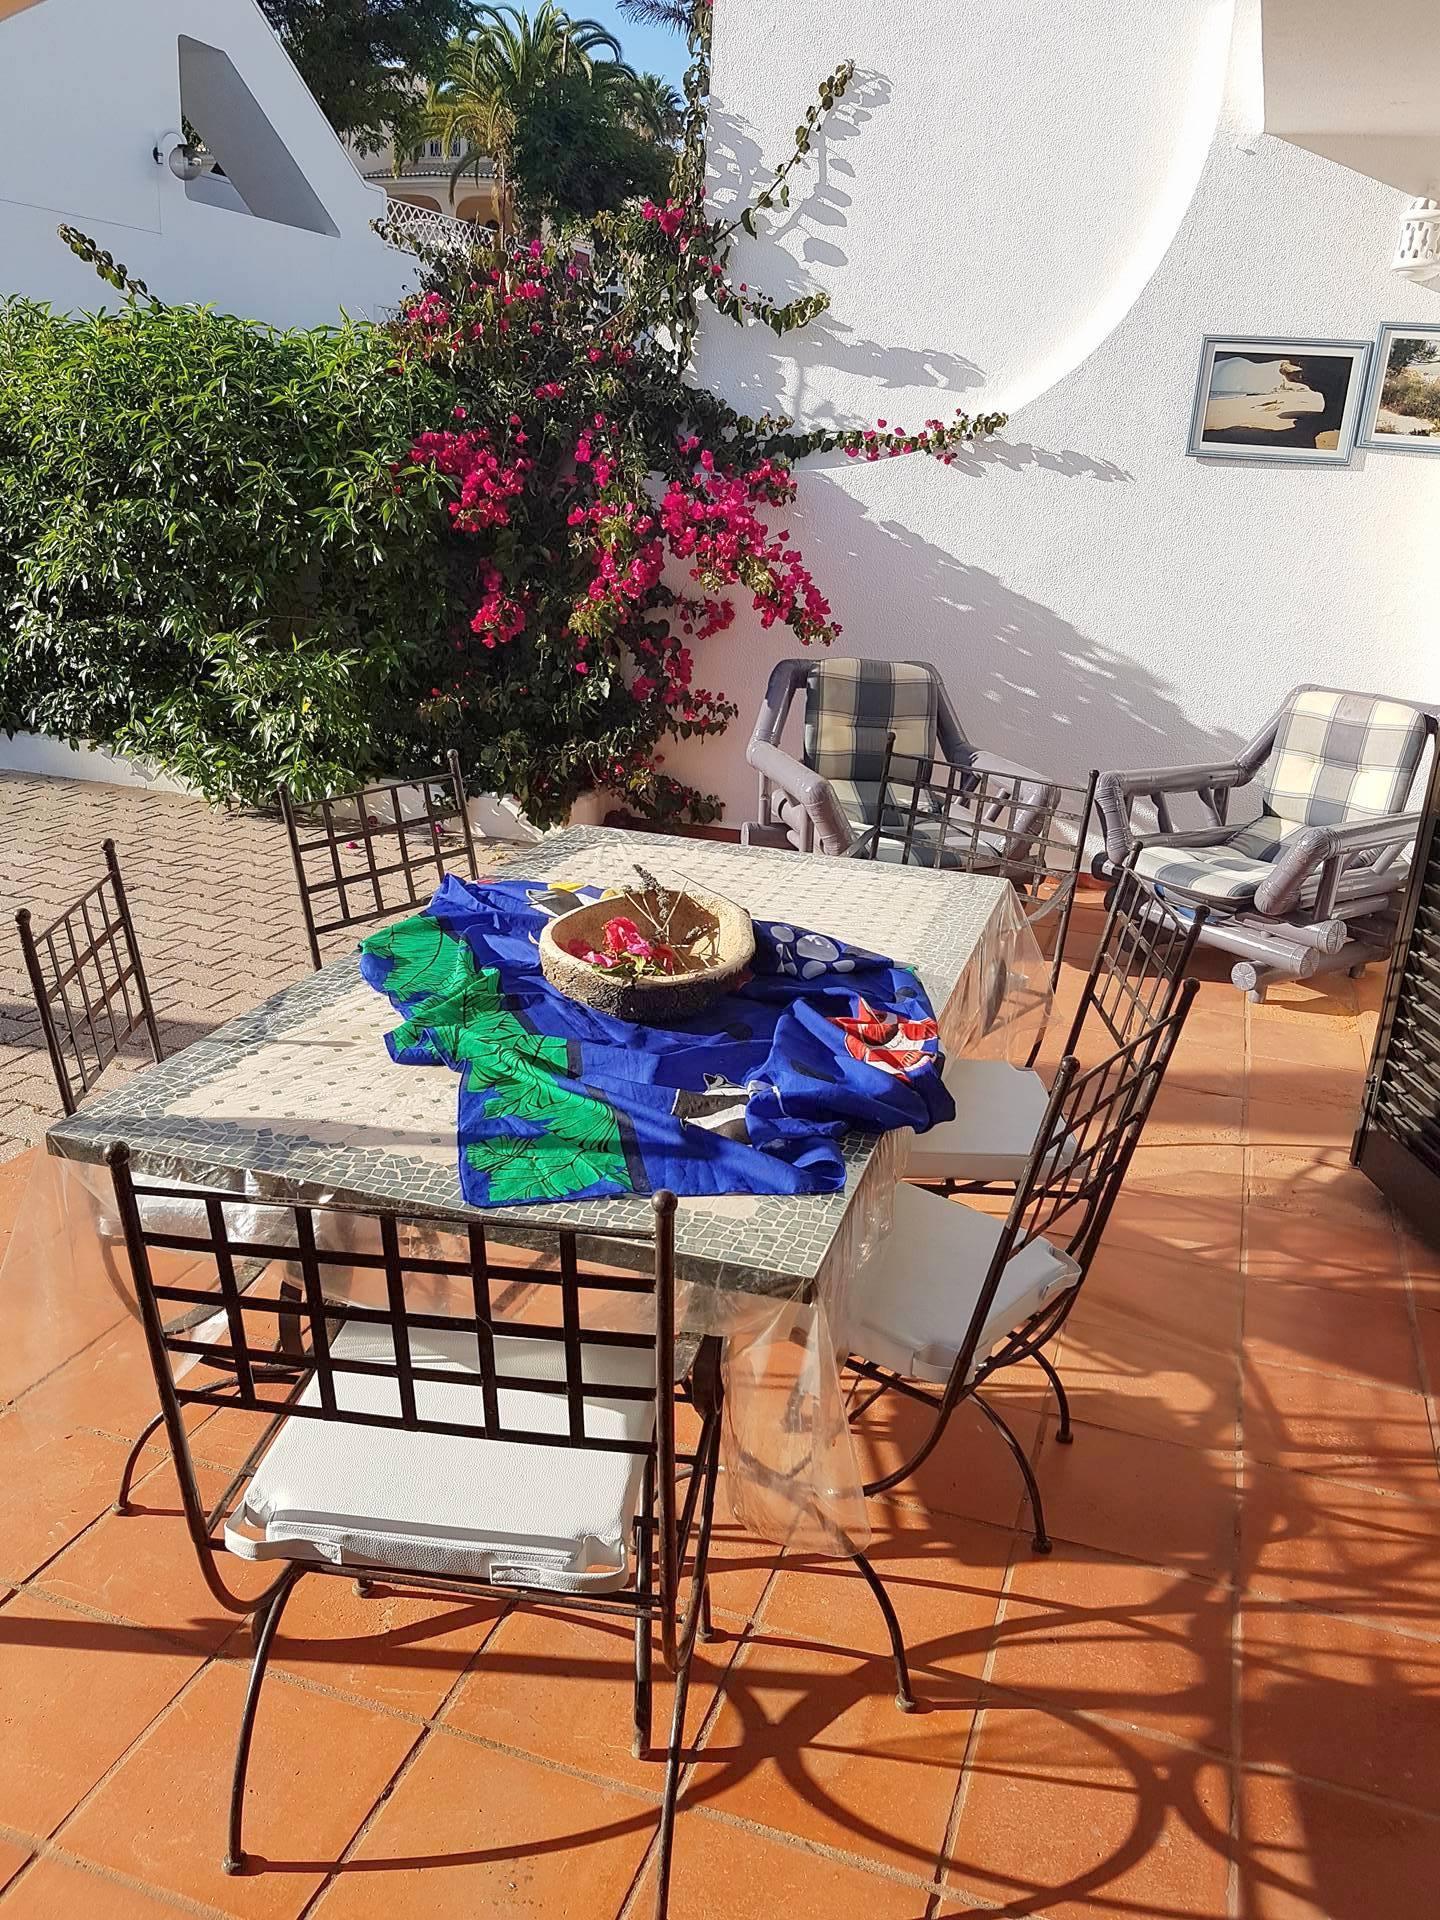 Apartamentos e moradias para alugar, Appart 2 chambres – piscine et tennis – Albufeira em Albufeira, Portugal Algarve, REF_IMG_7166_8634